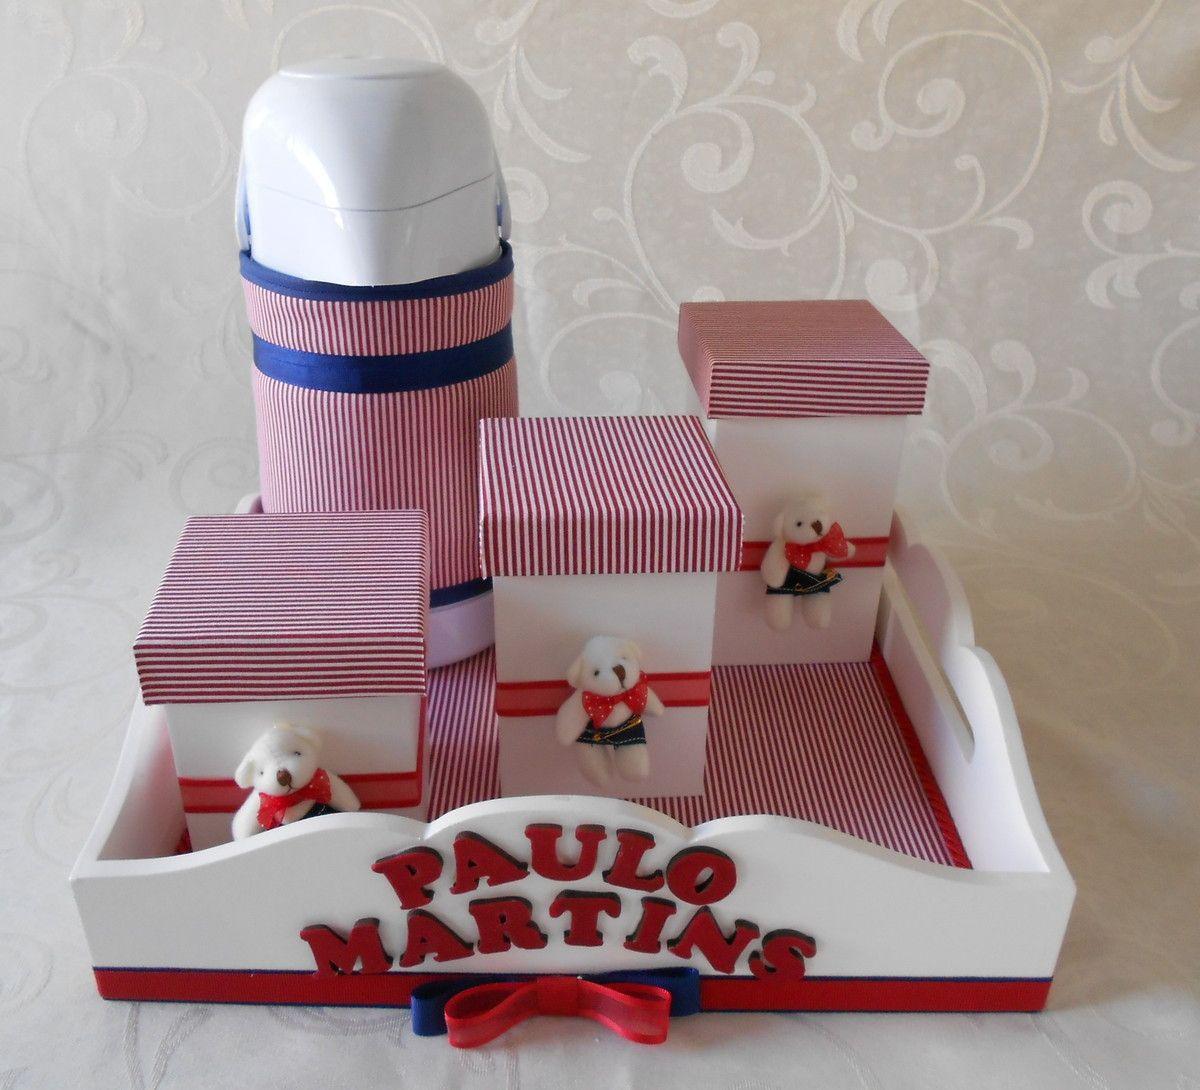 Deixe o quartinho do seu bebê mais fofo com este kit prático e útil para organizar as coisinhas do bebê e facilitar na hora da troca de fraldas. <br> <br>Kit higiene - contendo: <br>1 bandeja <br>3 potes em mdf <br>1 garrafa térmica com capa <br> <br>Consulte o nosso mostruário de tecidos, temos várias opções de cores ! <br> <br>**prazo de entrega 30 à 45 dias úteis**